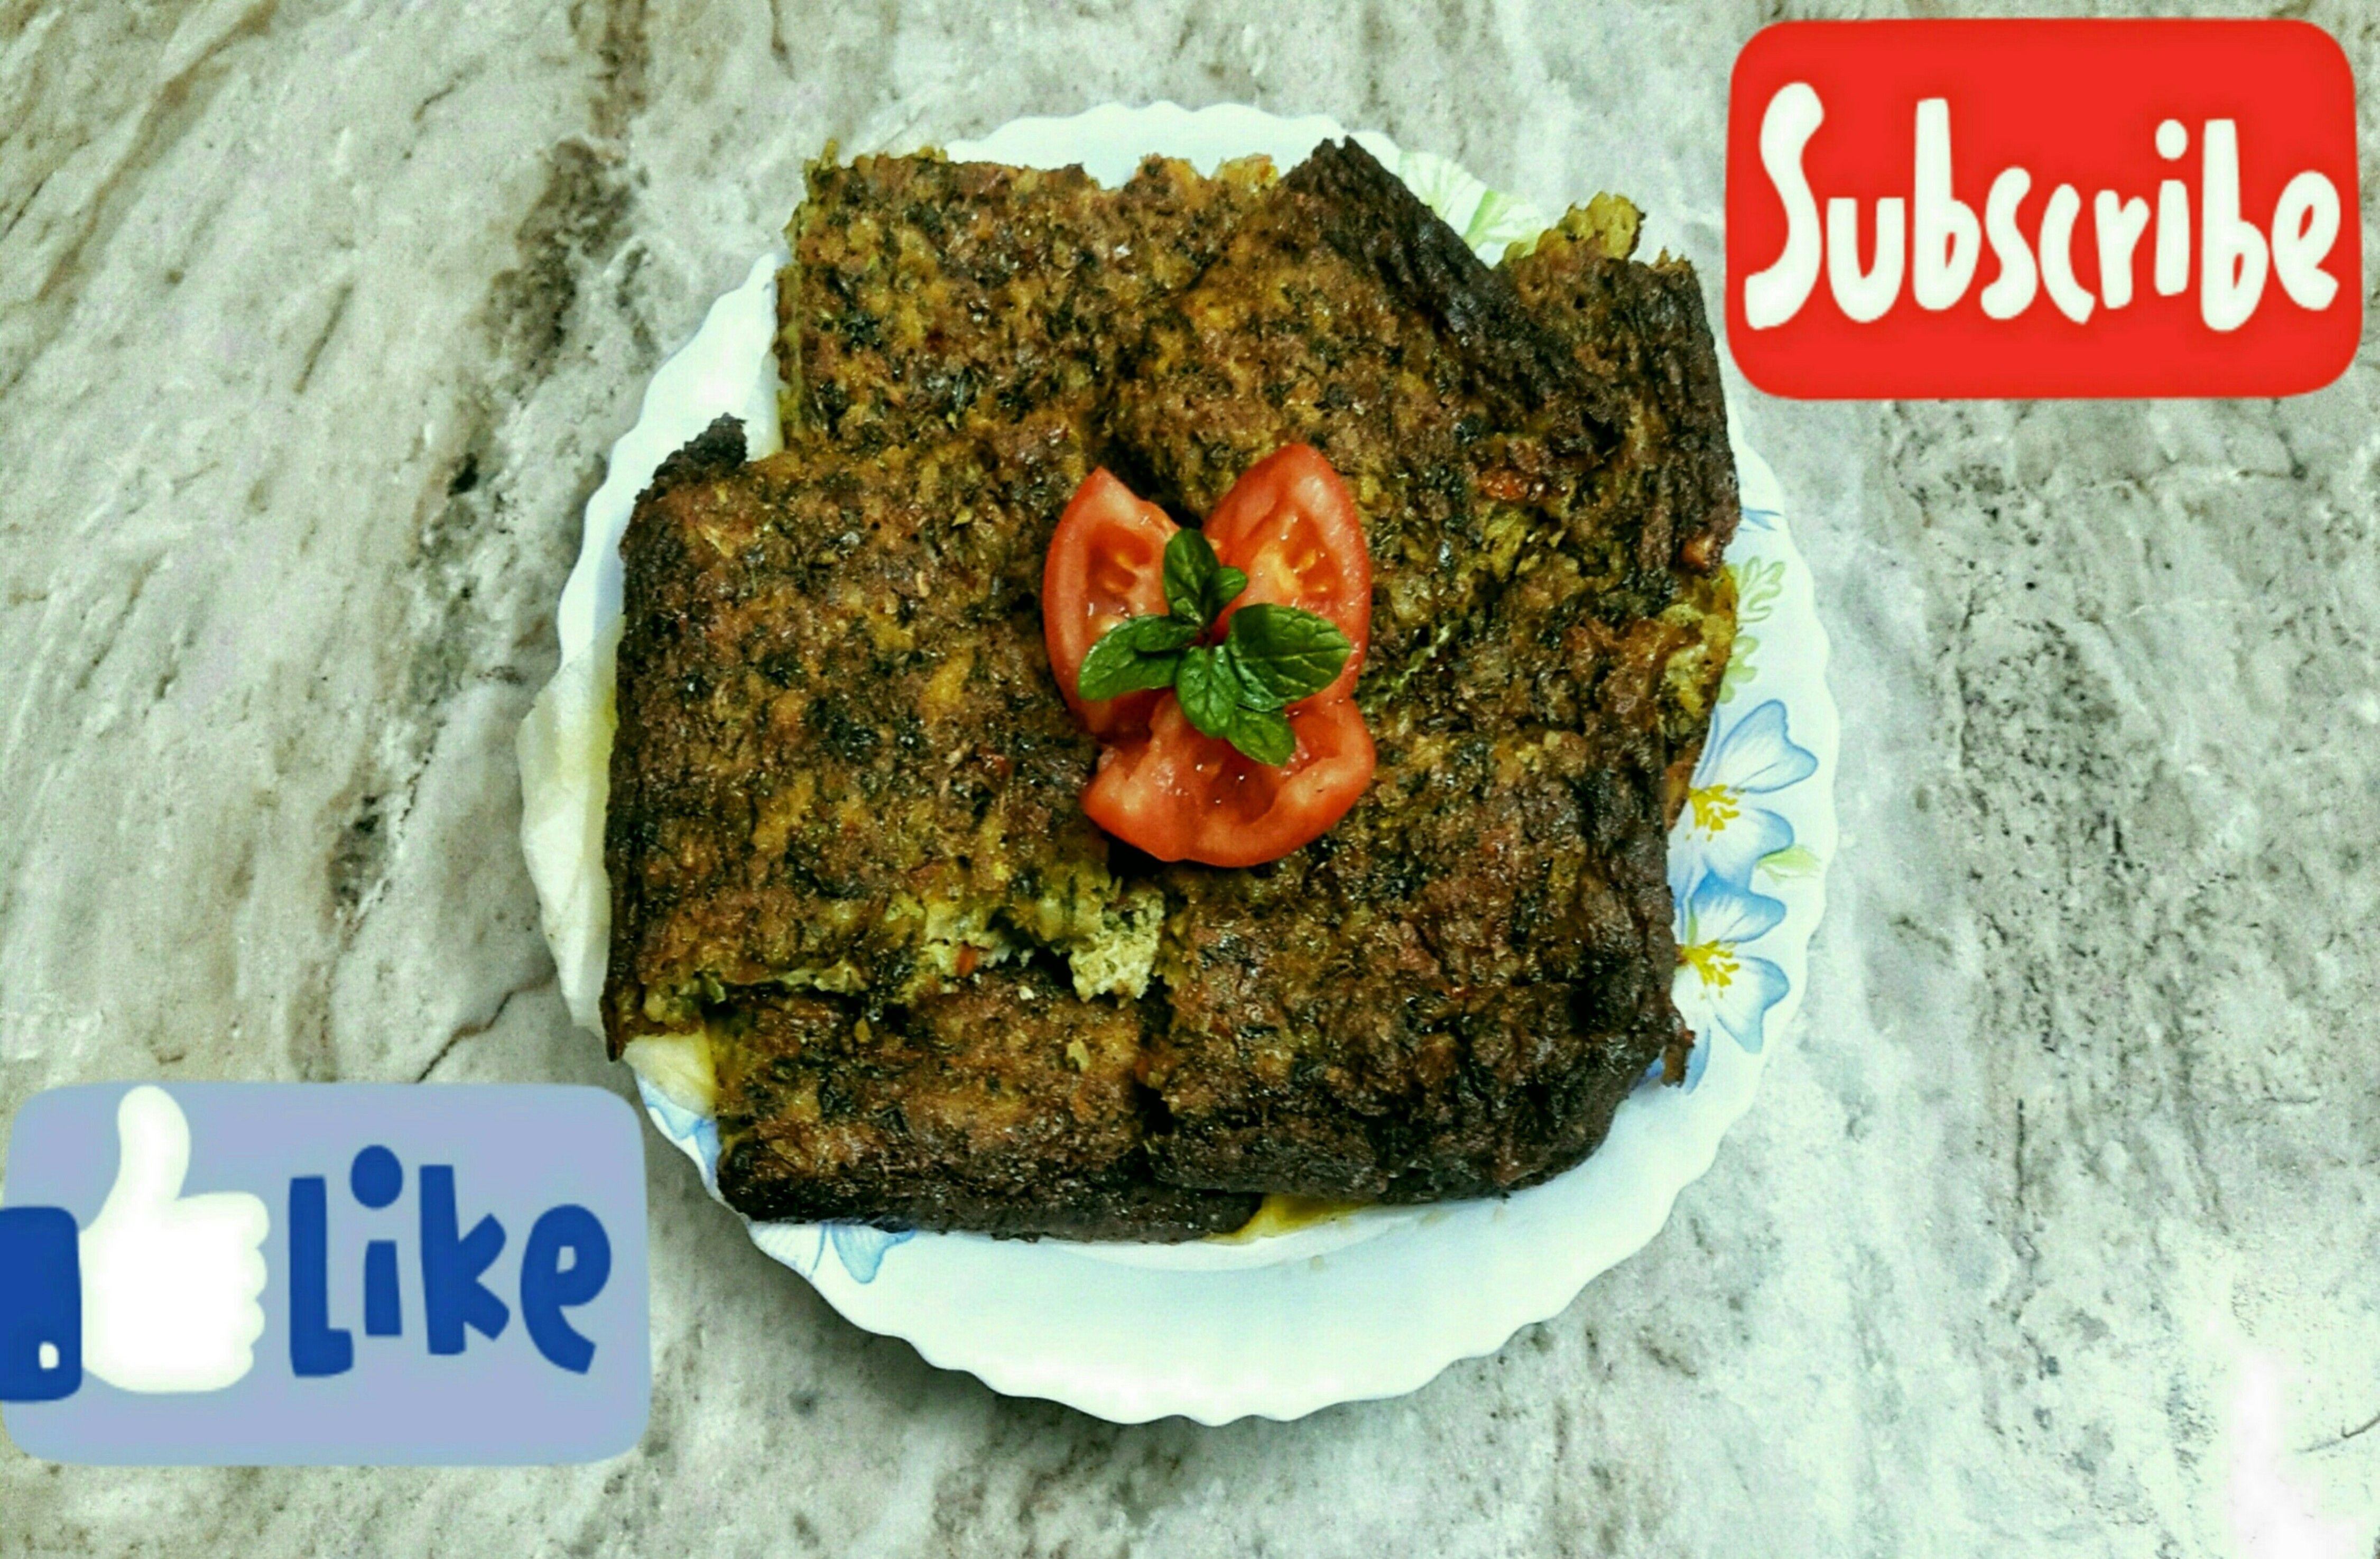 طريقة مختلفة للعجة طريقة عمل عجة الأرز بنفس خلطة المحشي Food Meatloaf Desserts